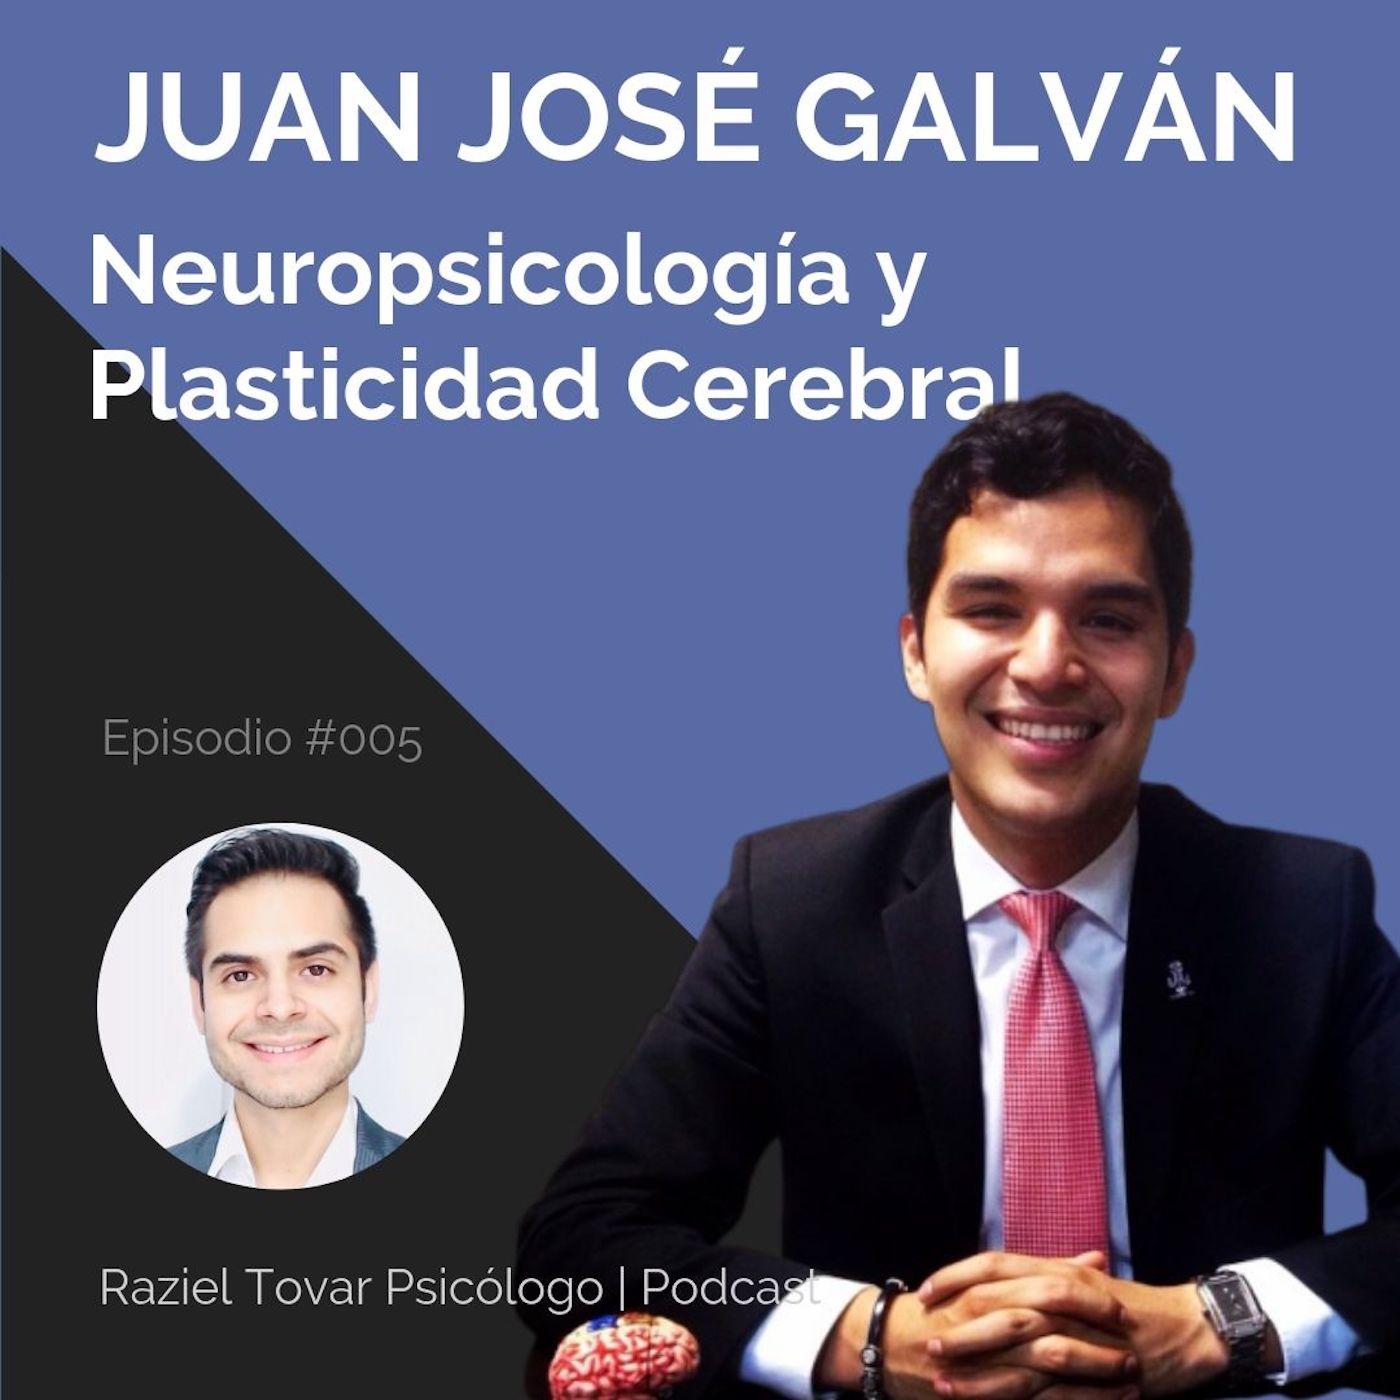 005 Neuropsicología y Plasticidad Cerebral - Juan José Galván